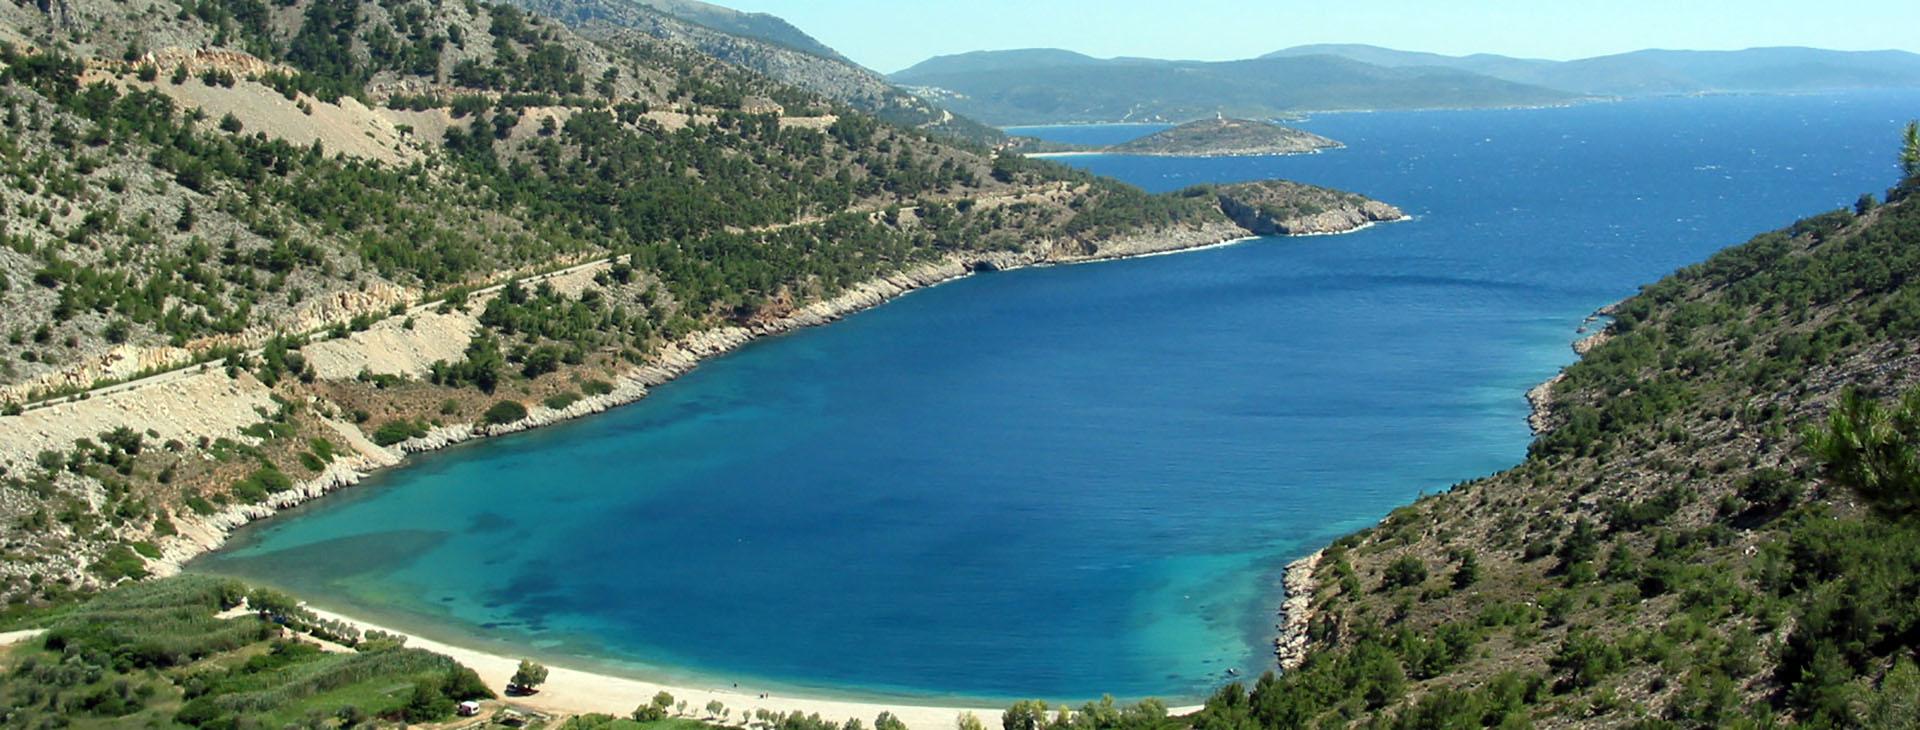 Elinda beach, Chios island